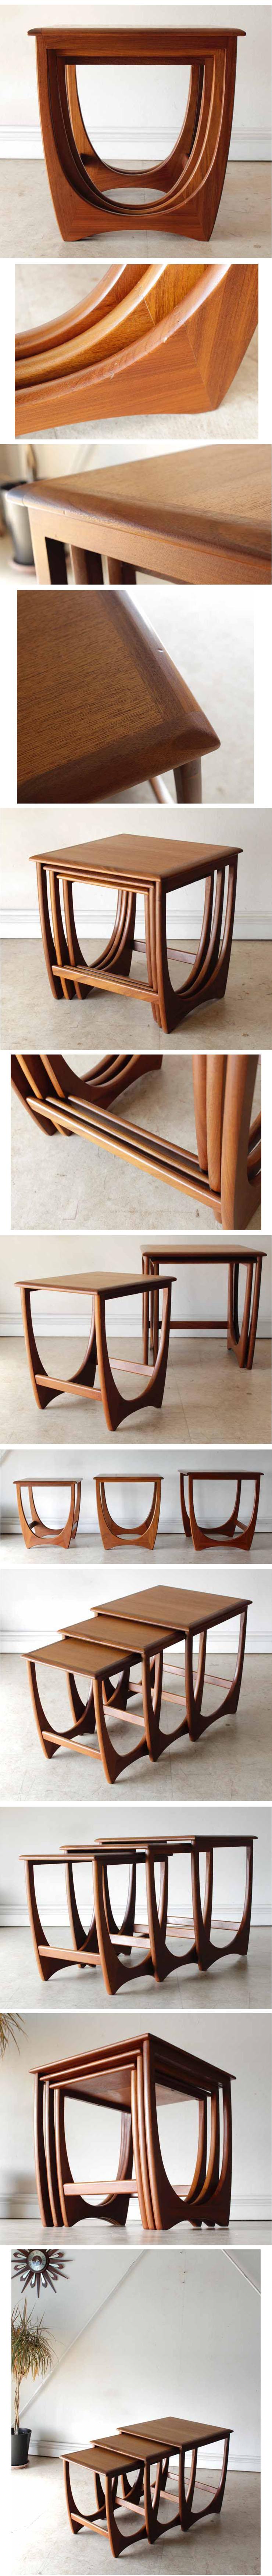 ジープラン・G-plan・ネストテーブル・コーヒーテーブル・ビンテージ・家具・アンティーク・北欧・インテリア